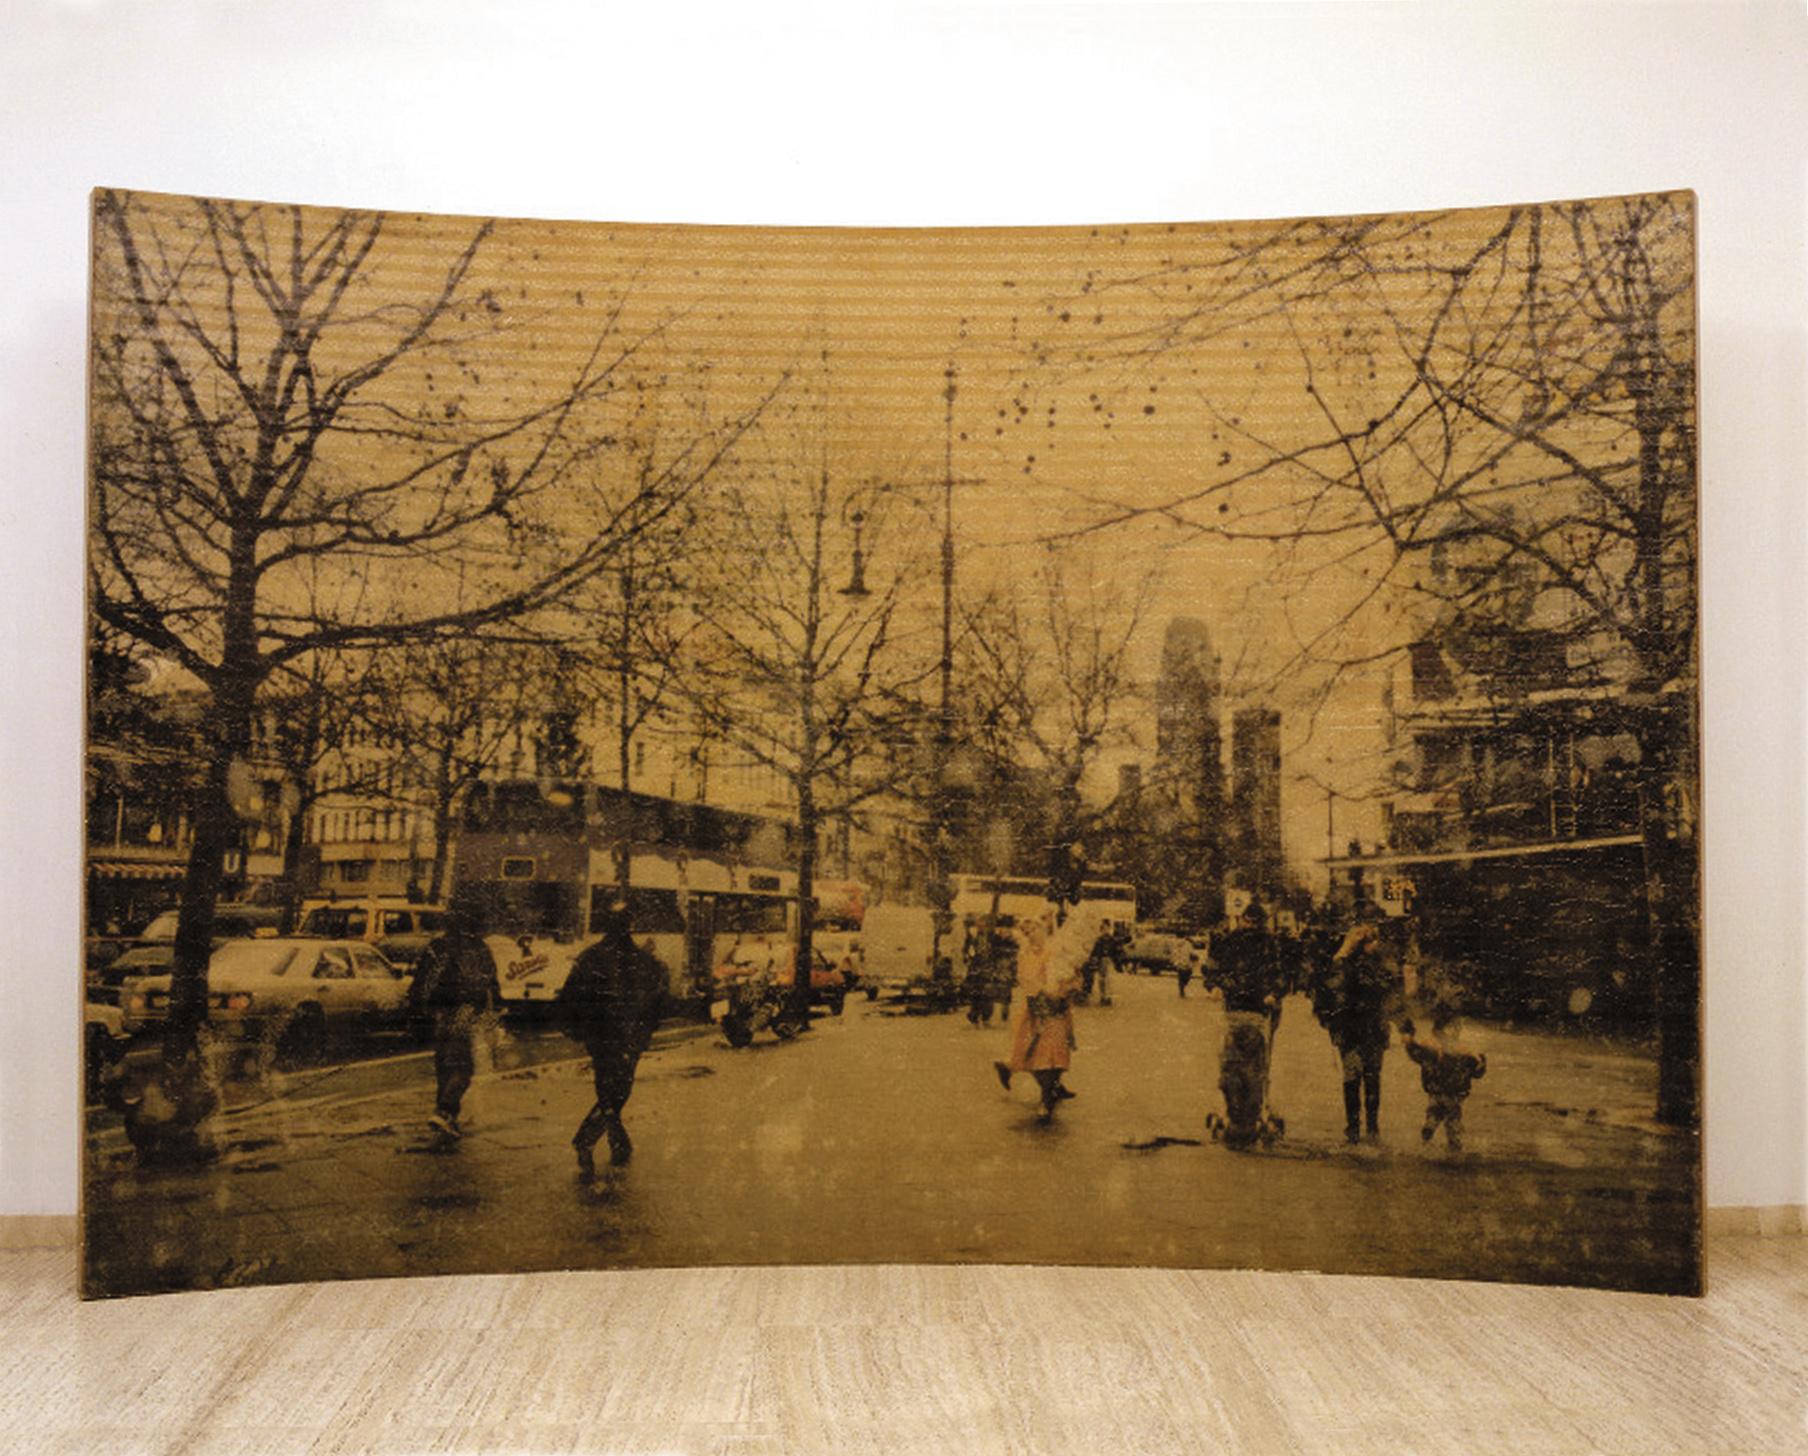 Amador. Lhome i la ciutat, 2000, resina de poliéster y fotografía, 200 x 300 x 40 cm.